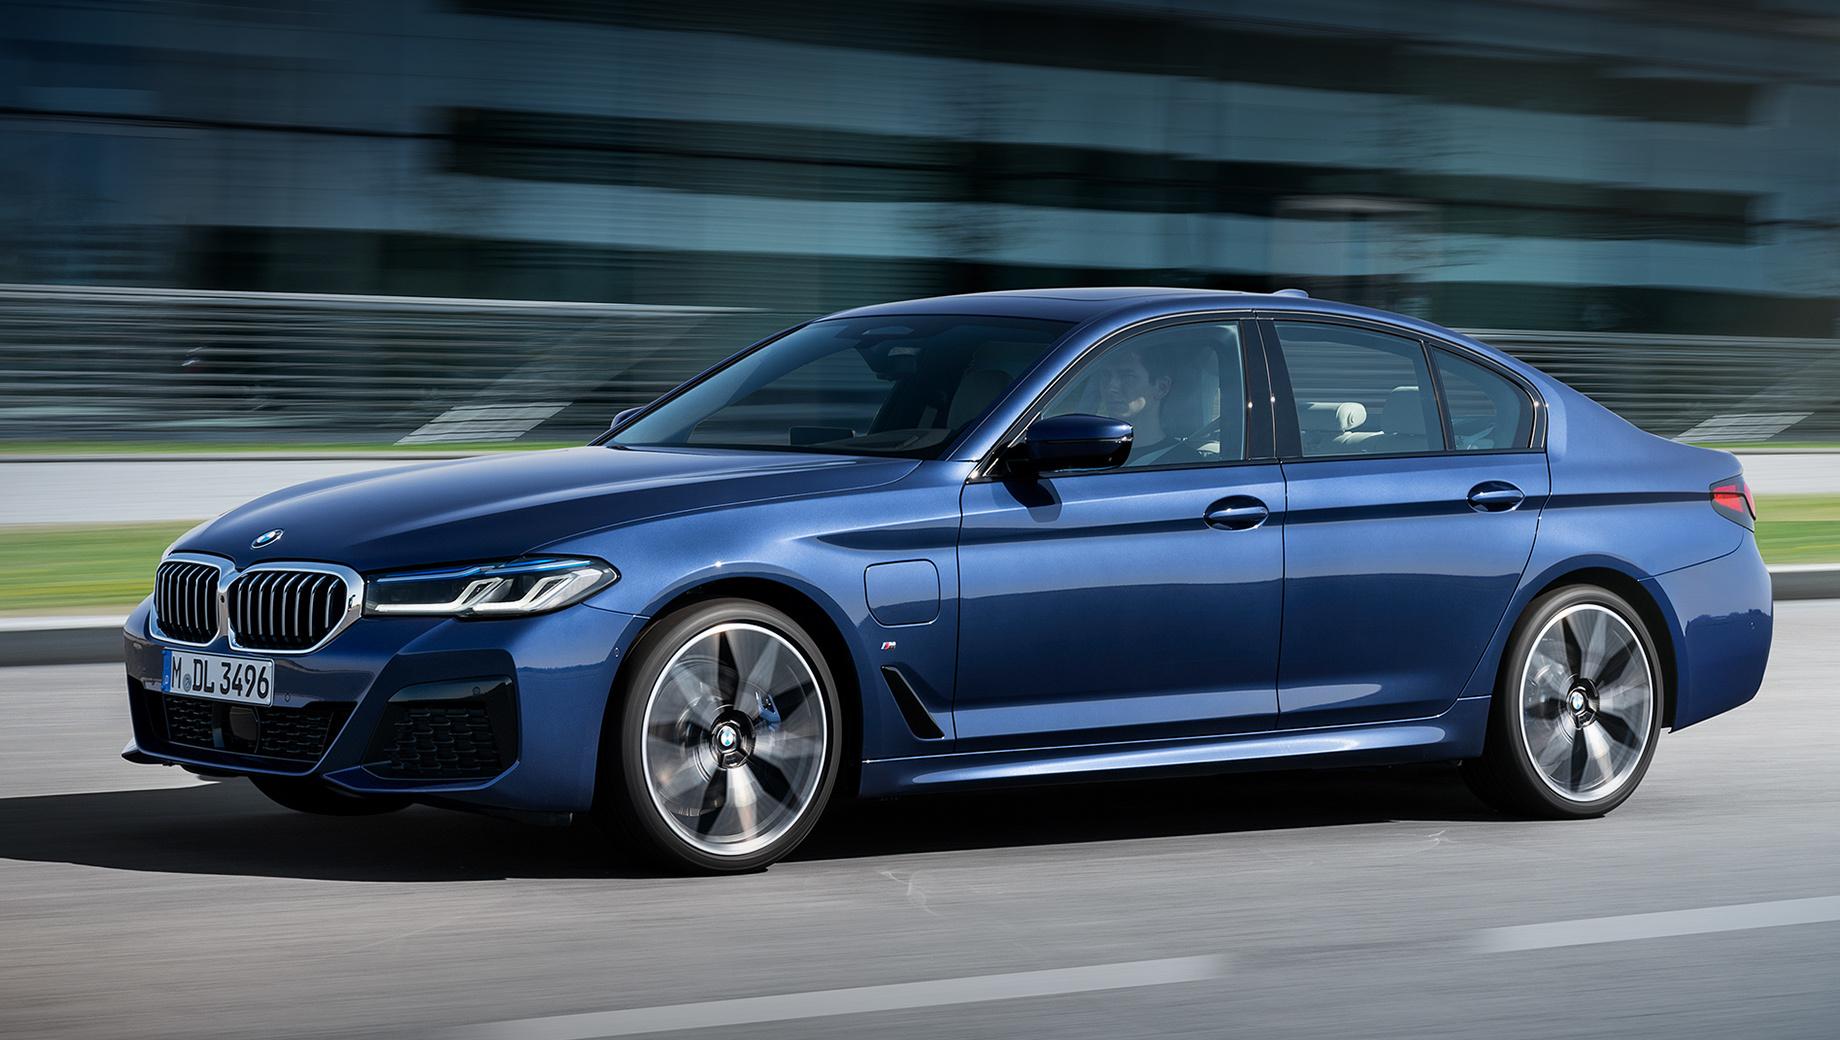 Bmw 5. Российское представительство BMW пока объявило только стартовую цену на «пятёрку» — от 3 470 000 рублей. Это на 100 тысяч больше, чем просили за базовую дорестайлинговую машину. Audi A6 40 TFSI (190 л.с.) стоит от 3 116 000 рублей, а Mercedes E 200 (197 л.с.) — от 3,5 млн.